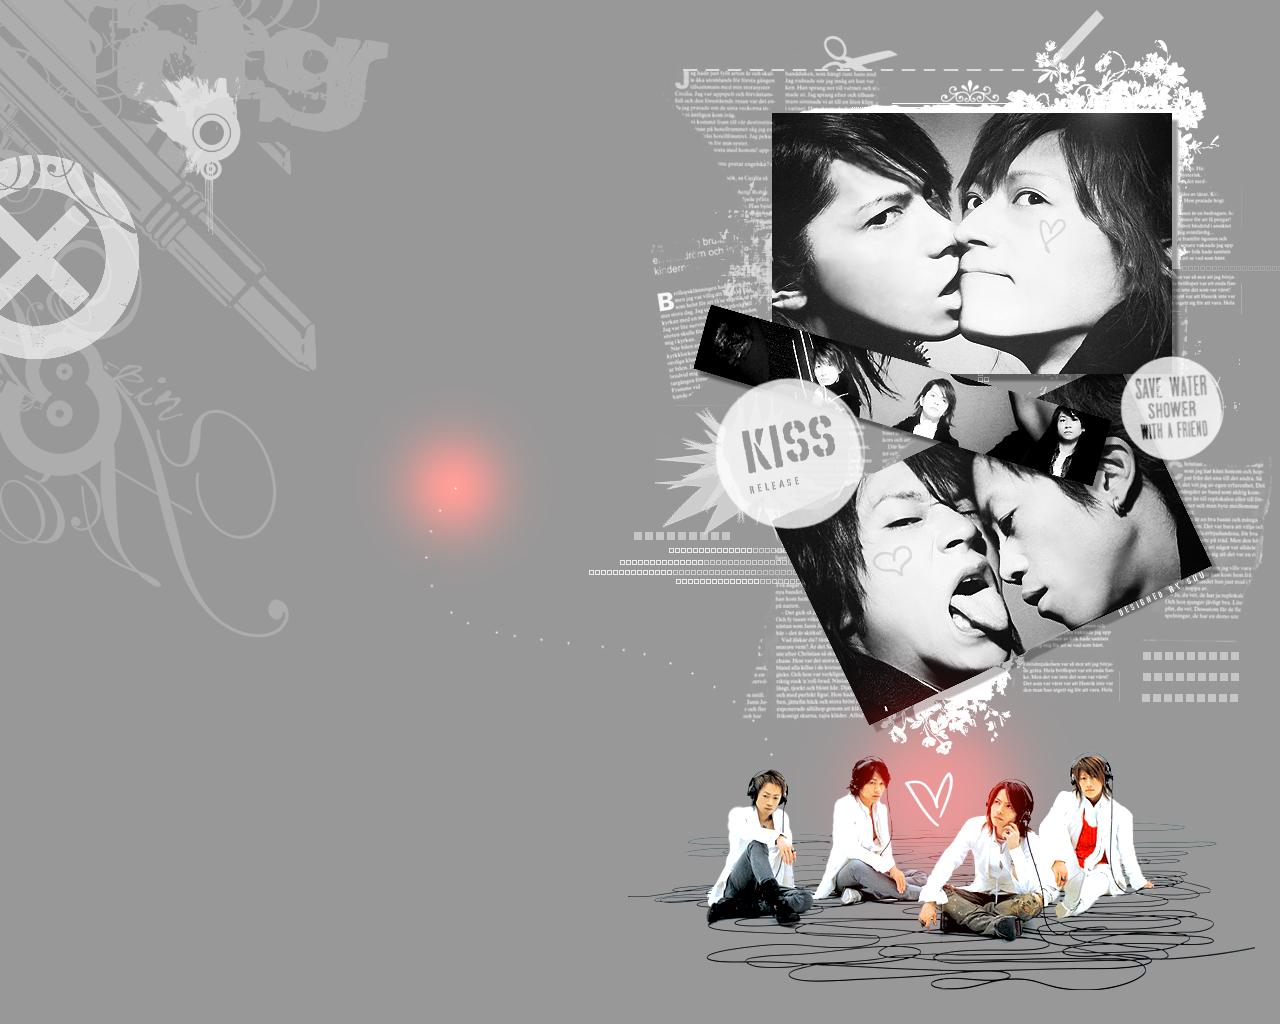 http://4.bp.blogspot.com/_kWCh_CrowqA/SwvNZHU65vI/AAAAAAAAABw/IIqhrMD_oaY/s1600/L__Arc_en_Ciel_KISS_Wallpaper_by_snowdrop_suu.jpg